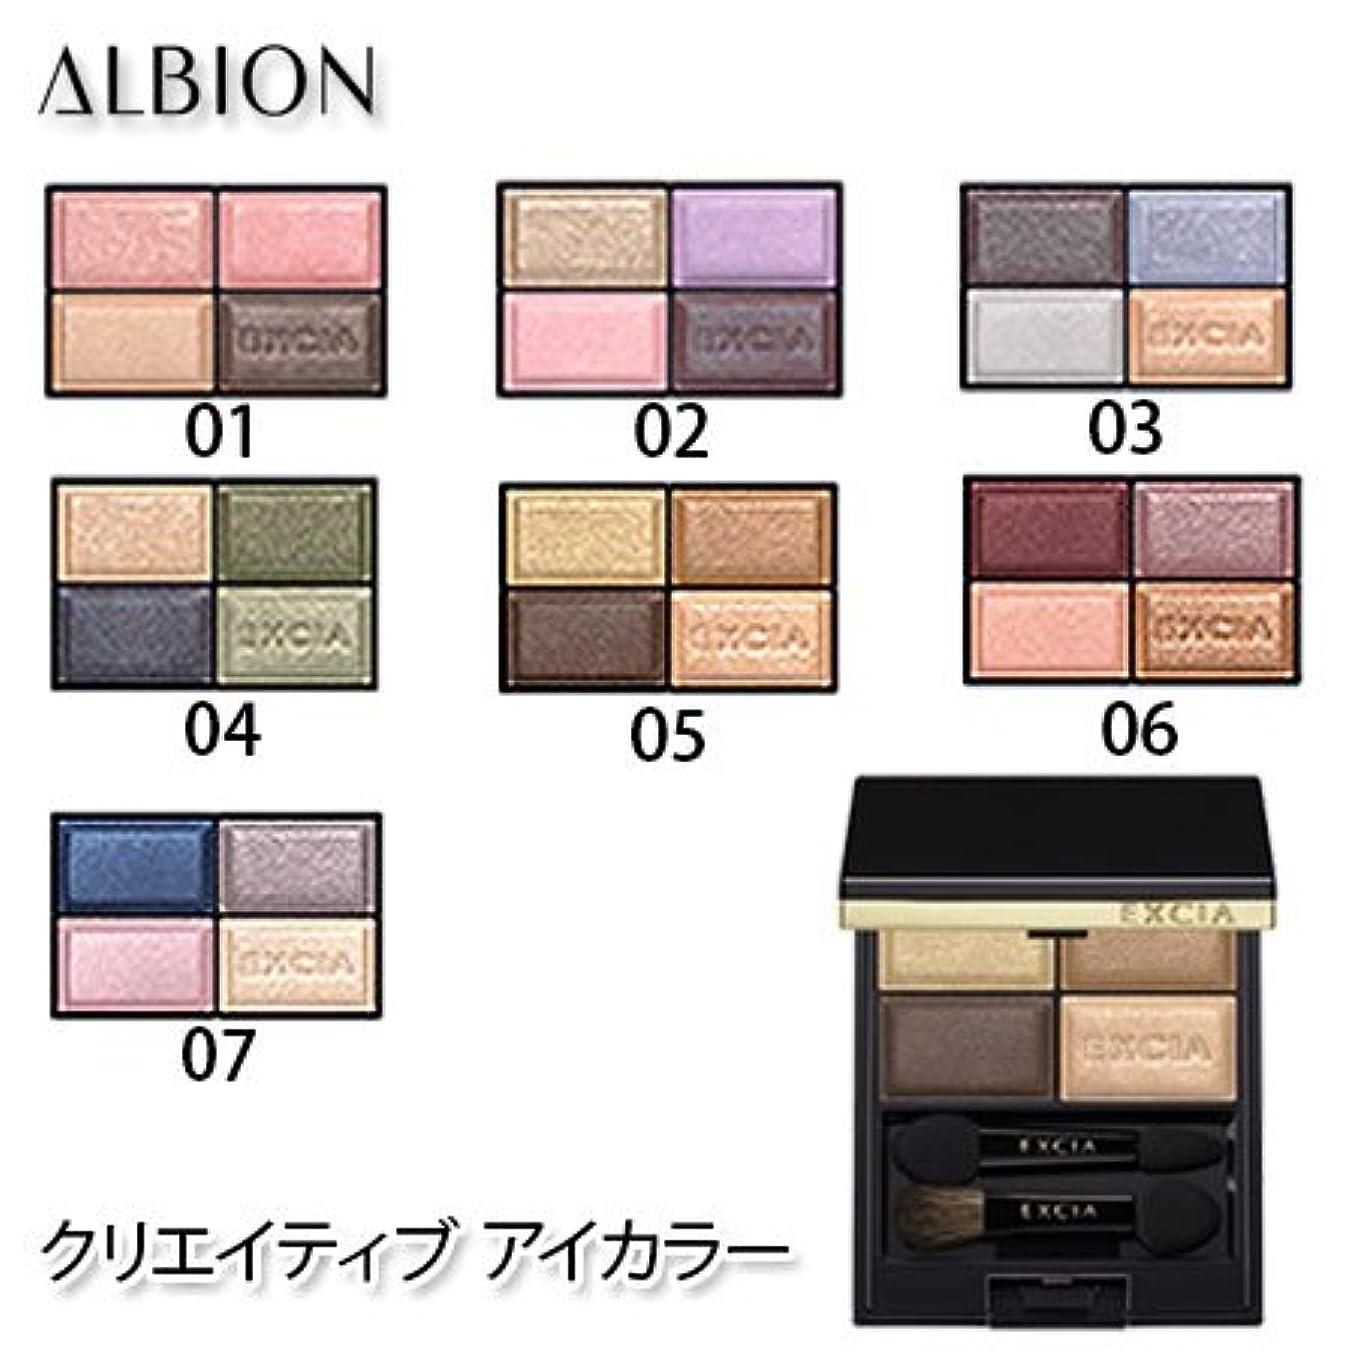 つかまえる未払いペグアルビオン エクシア AL クリエイティブ アイカラー 7種 -ALBION- 05